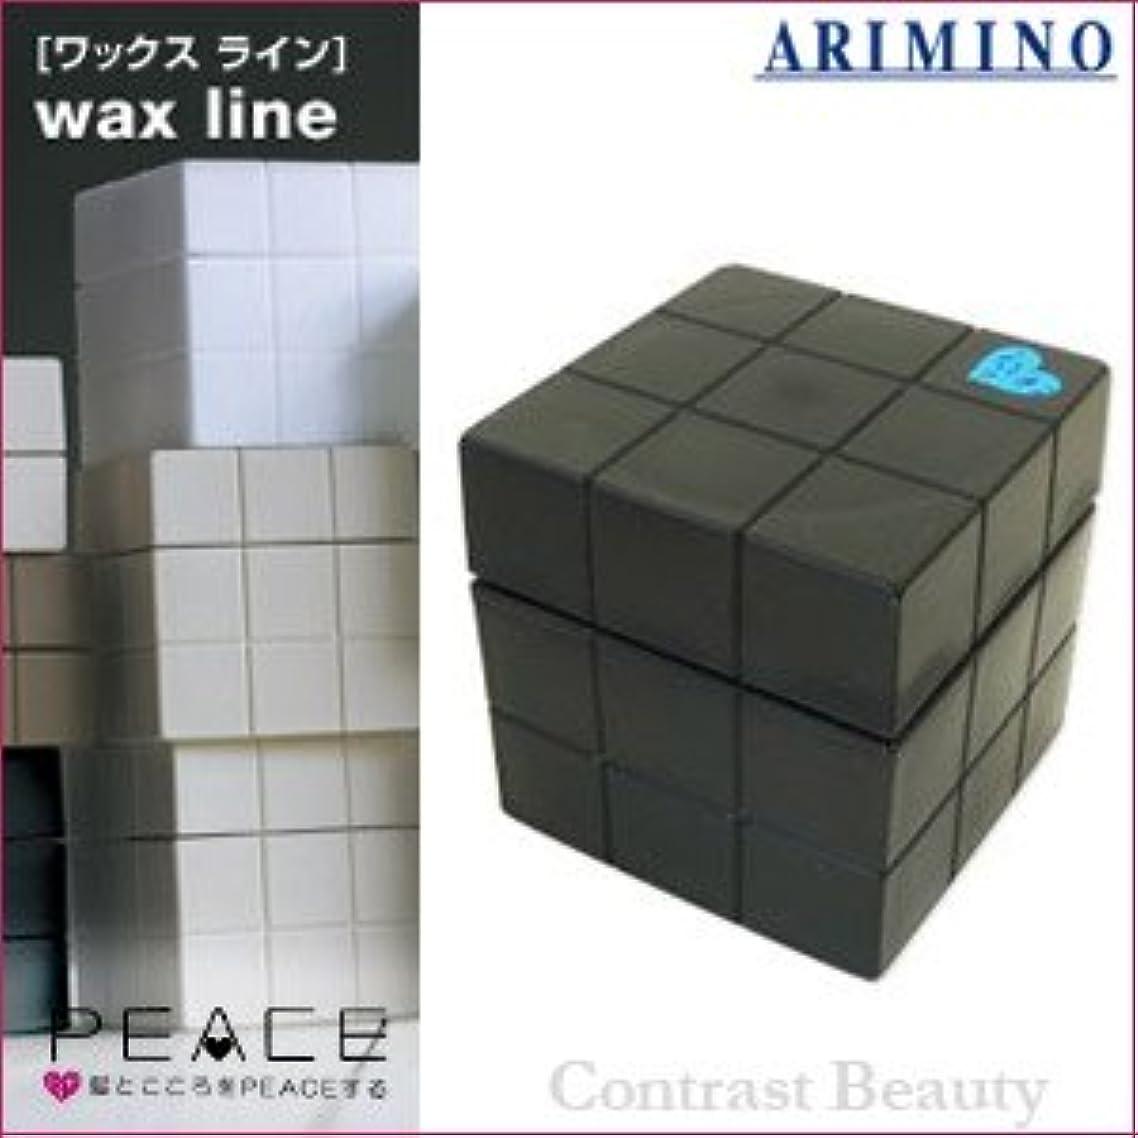 説明する事業管理者【X4個セット】 アリミノ ピース プロデザインシリーズ フリーズキープワックス ブラック 80g